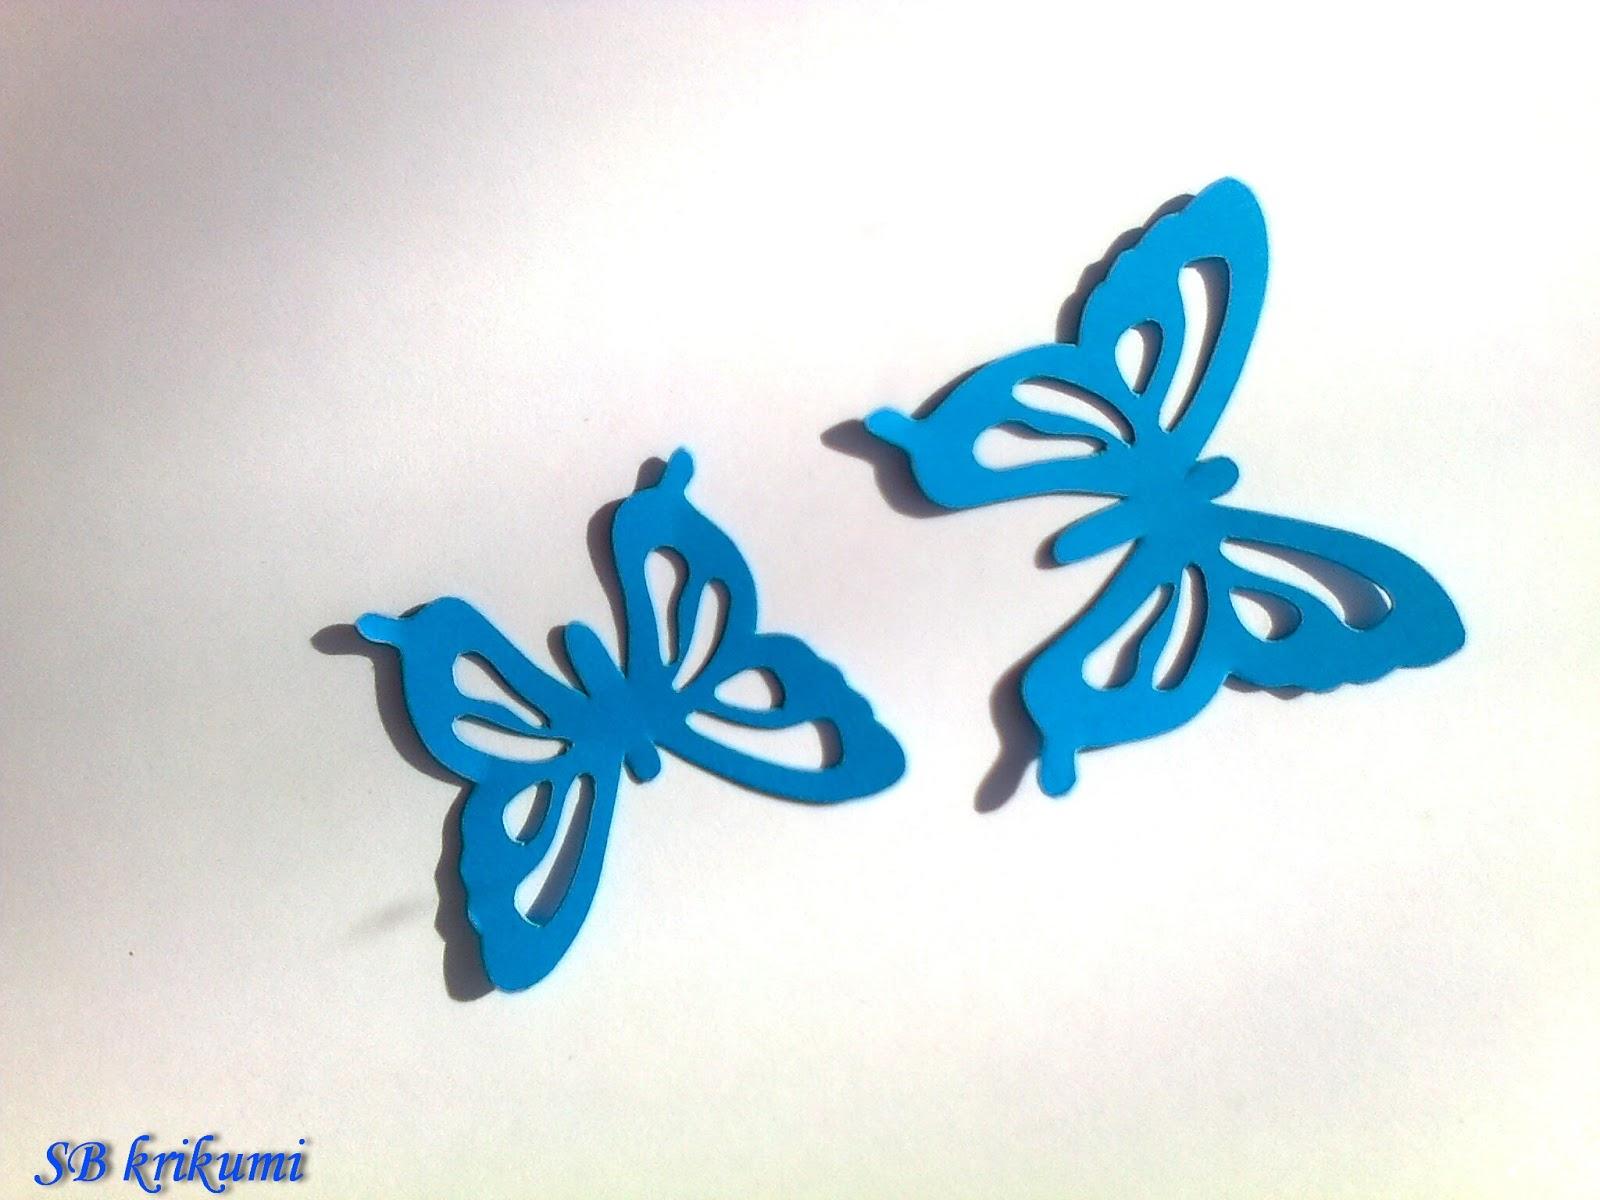 Ажурные бабочки из бумаги своими руками фото